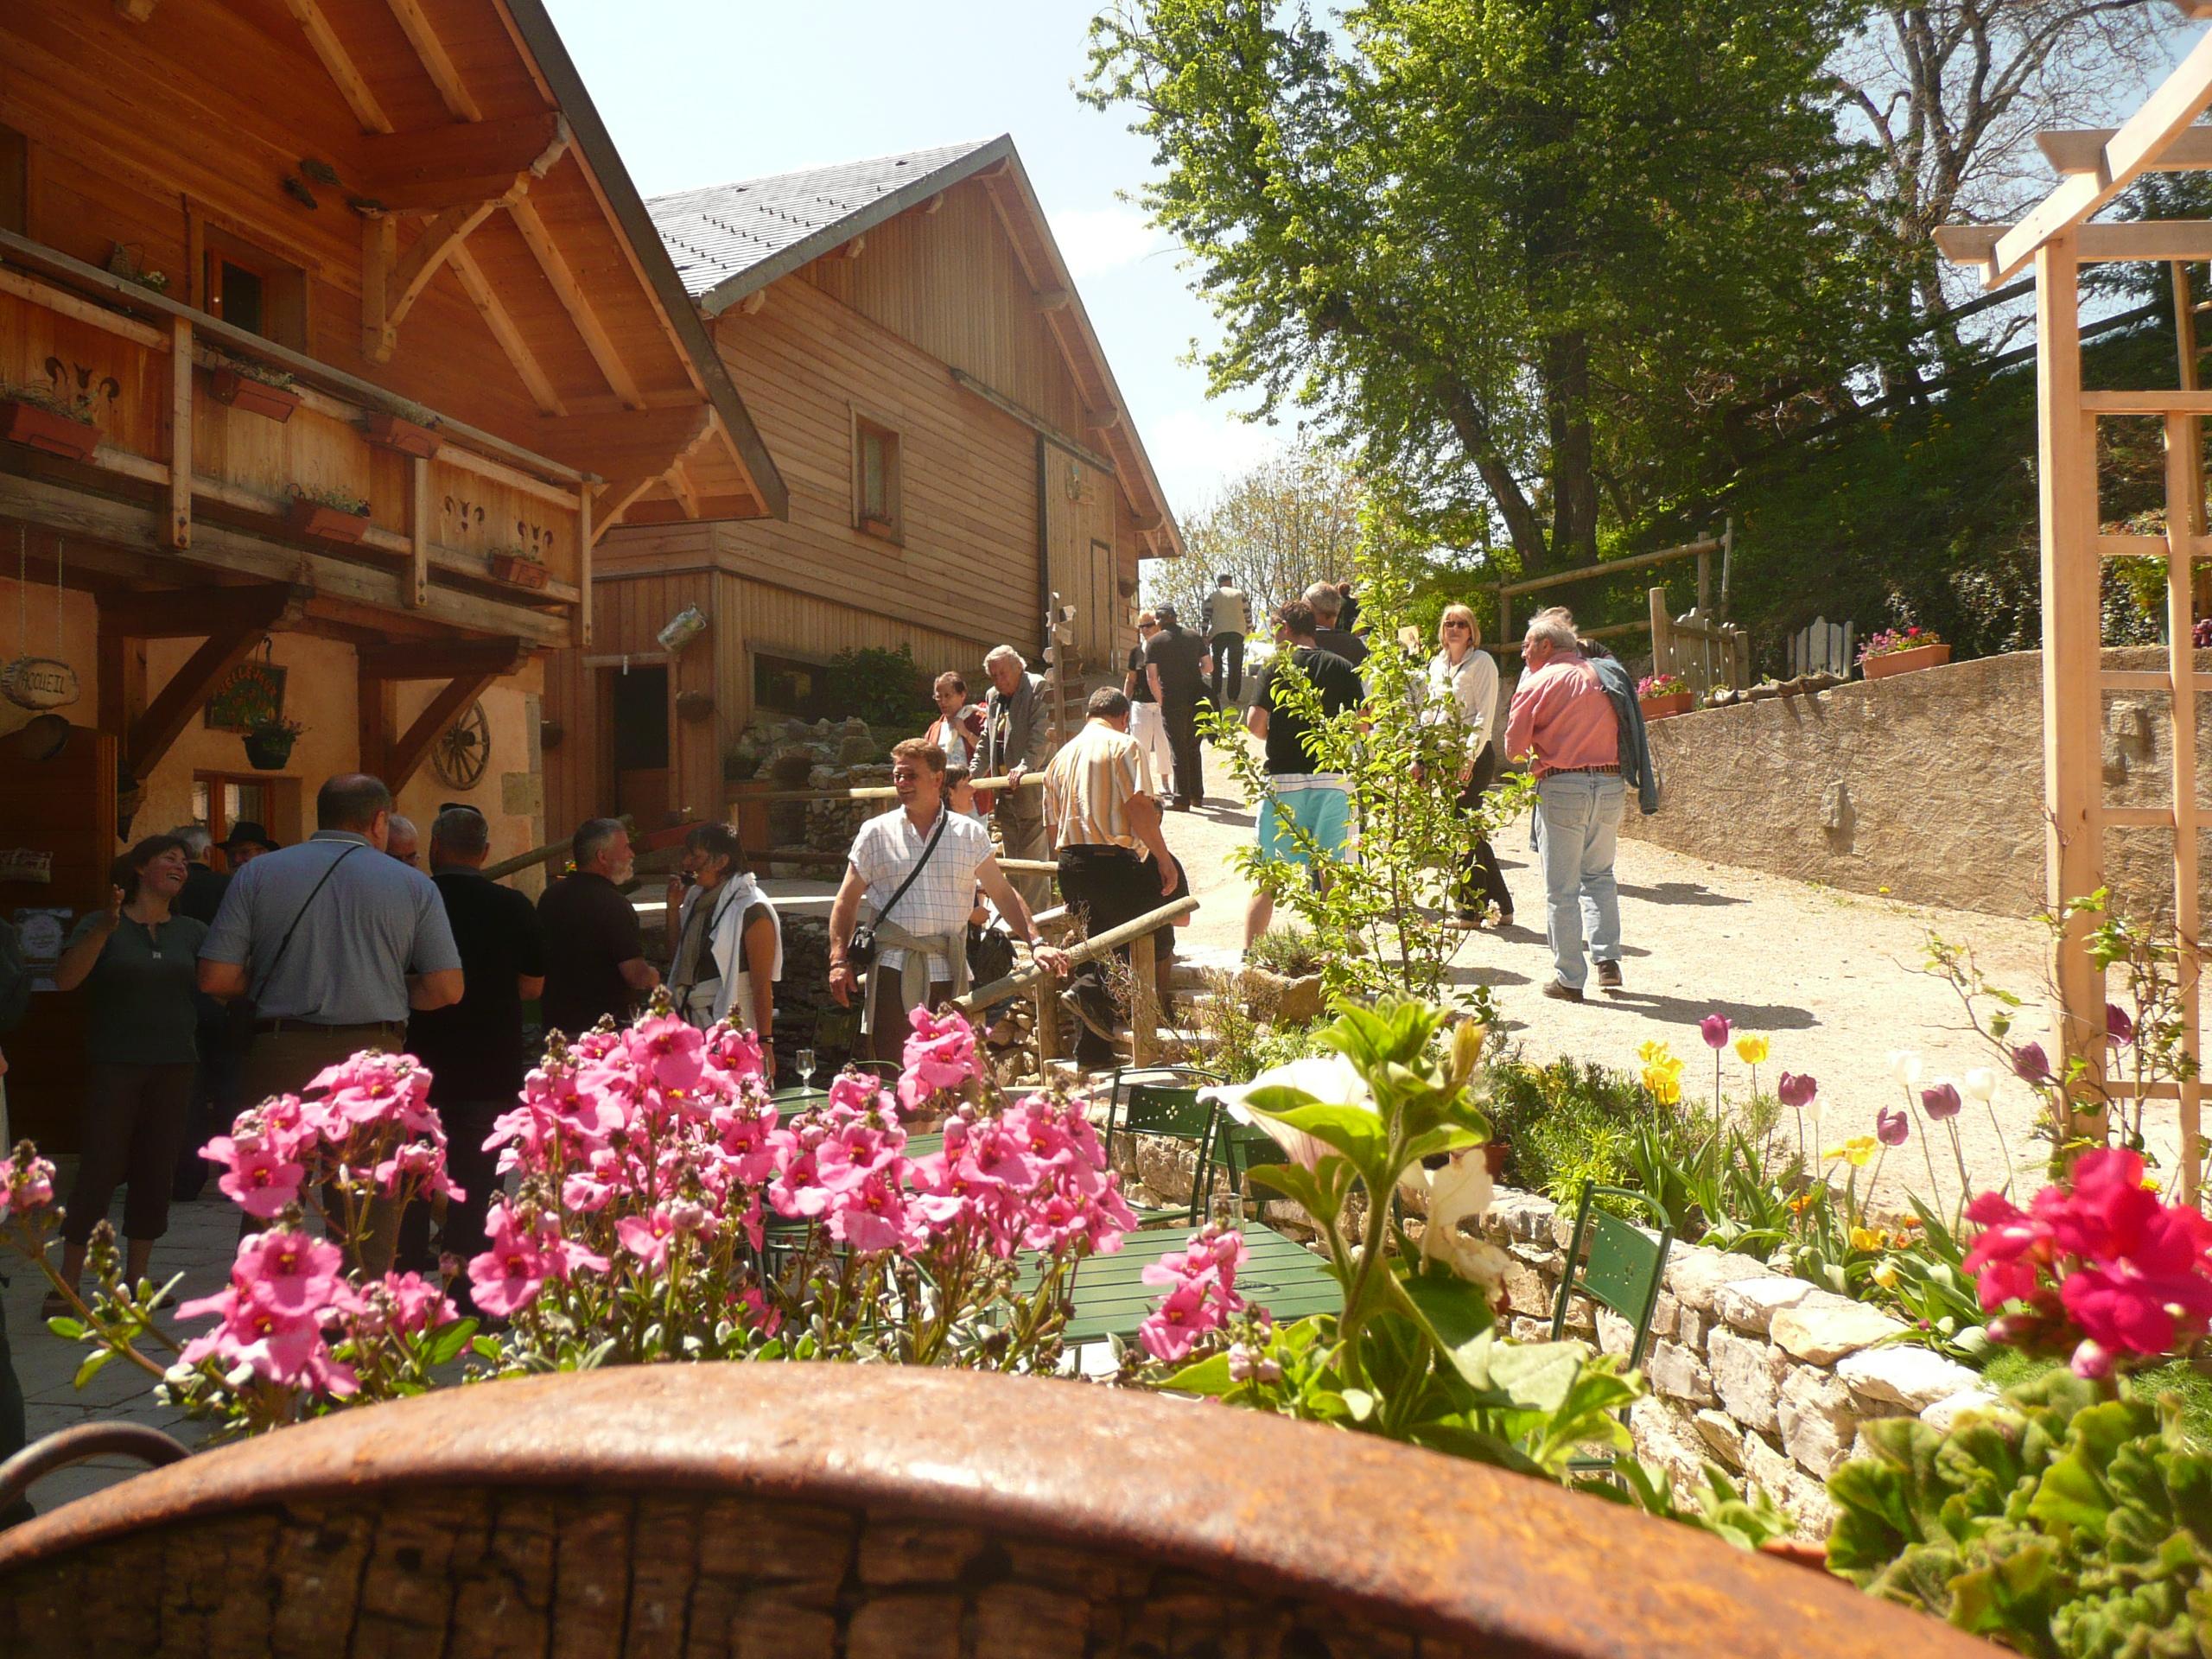 Apprendre à fabriquer du sirop naturel en Haute-Savoie